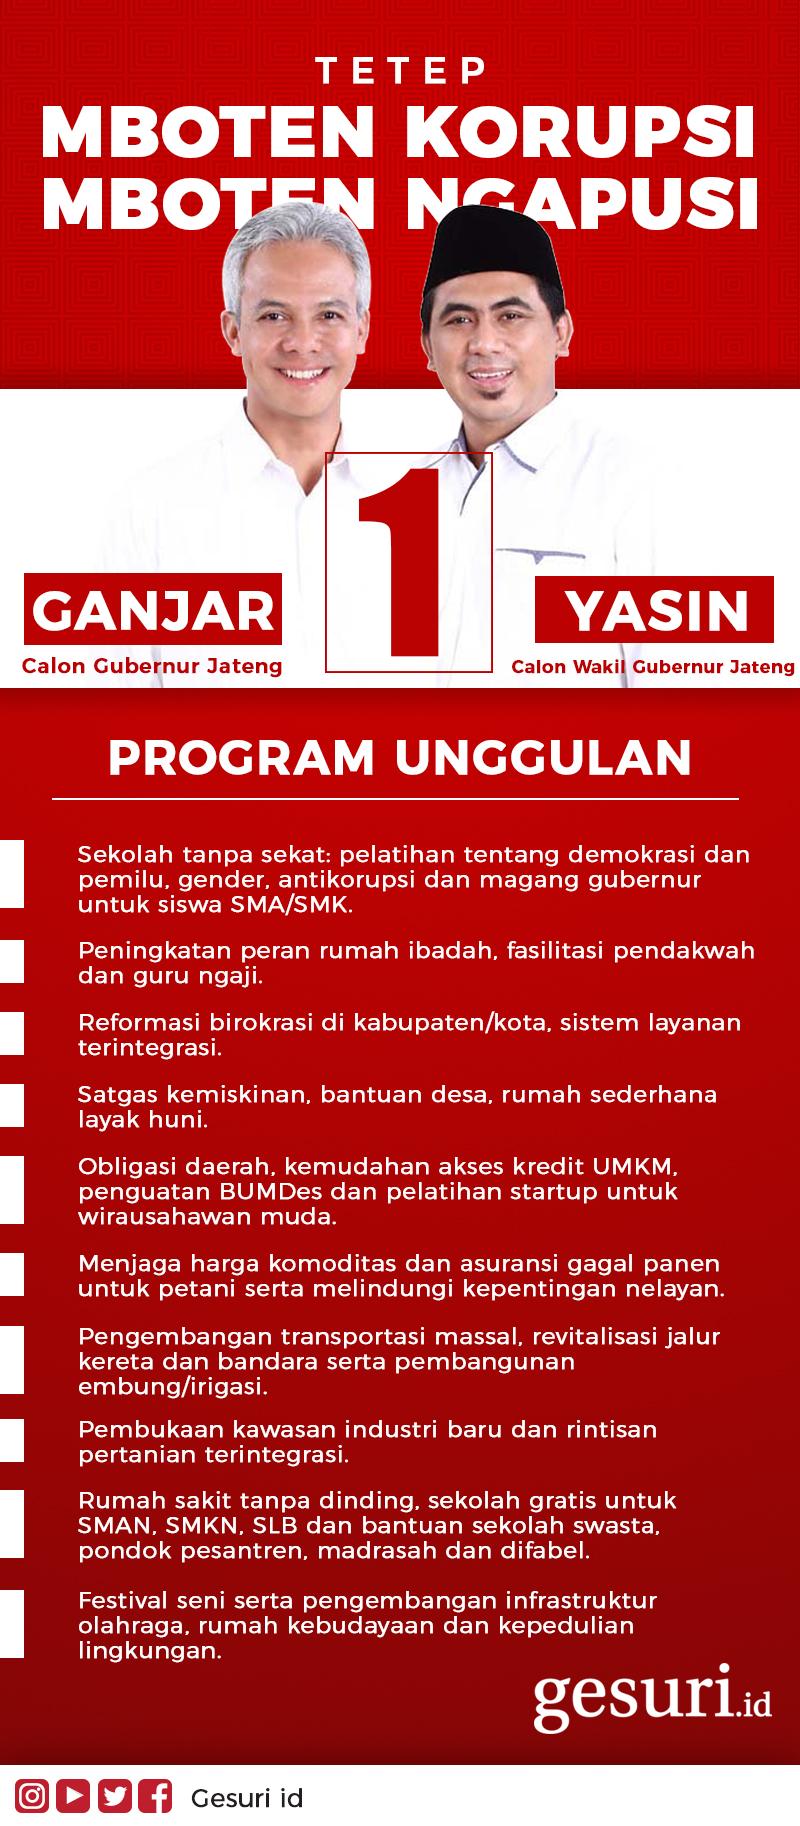 Ganjar - Yasin, Tetep Mboten Korupsi, Mboten Ngapusi